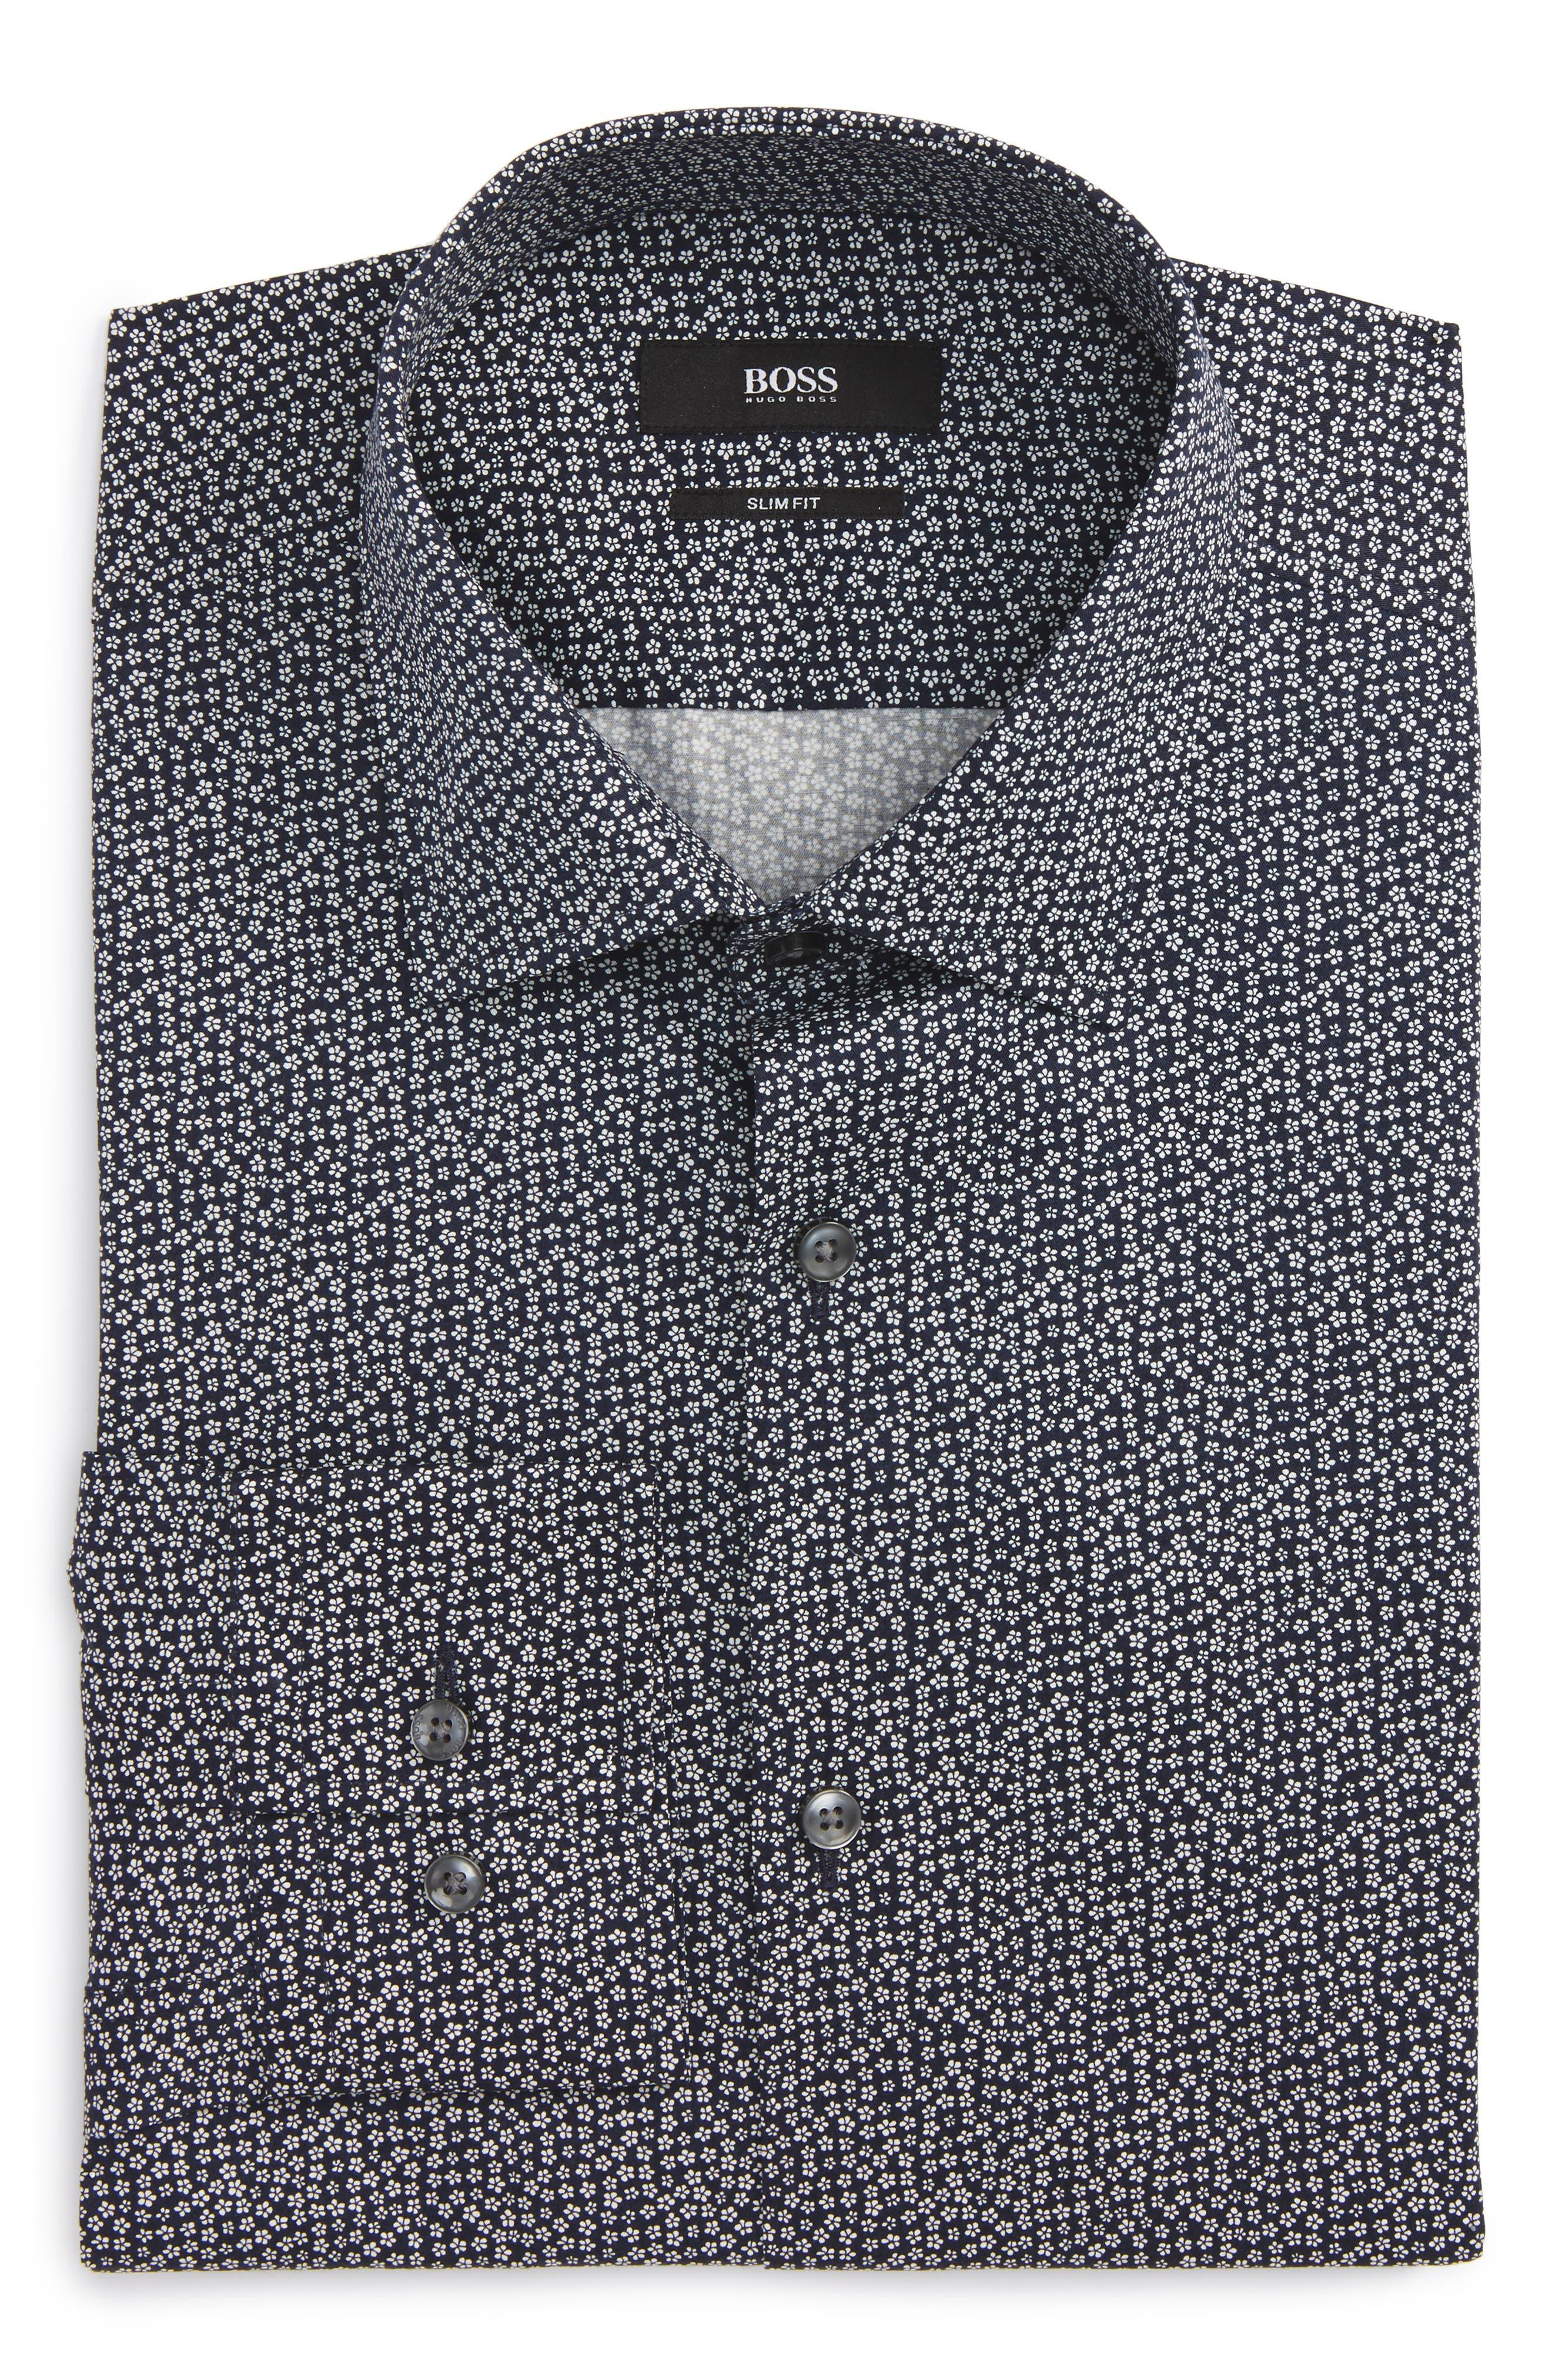 Slim Fit Floral Dress Shirt,                         Main,                         color, 410